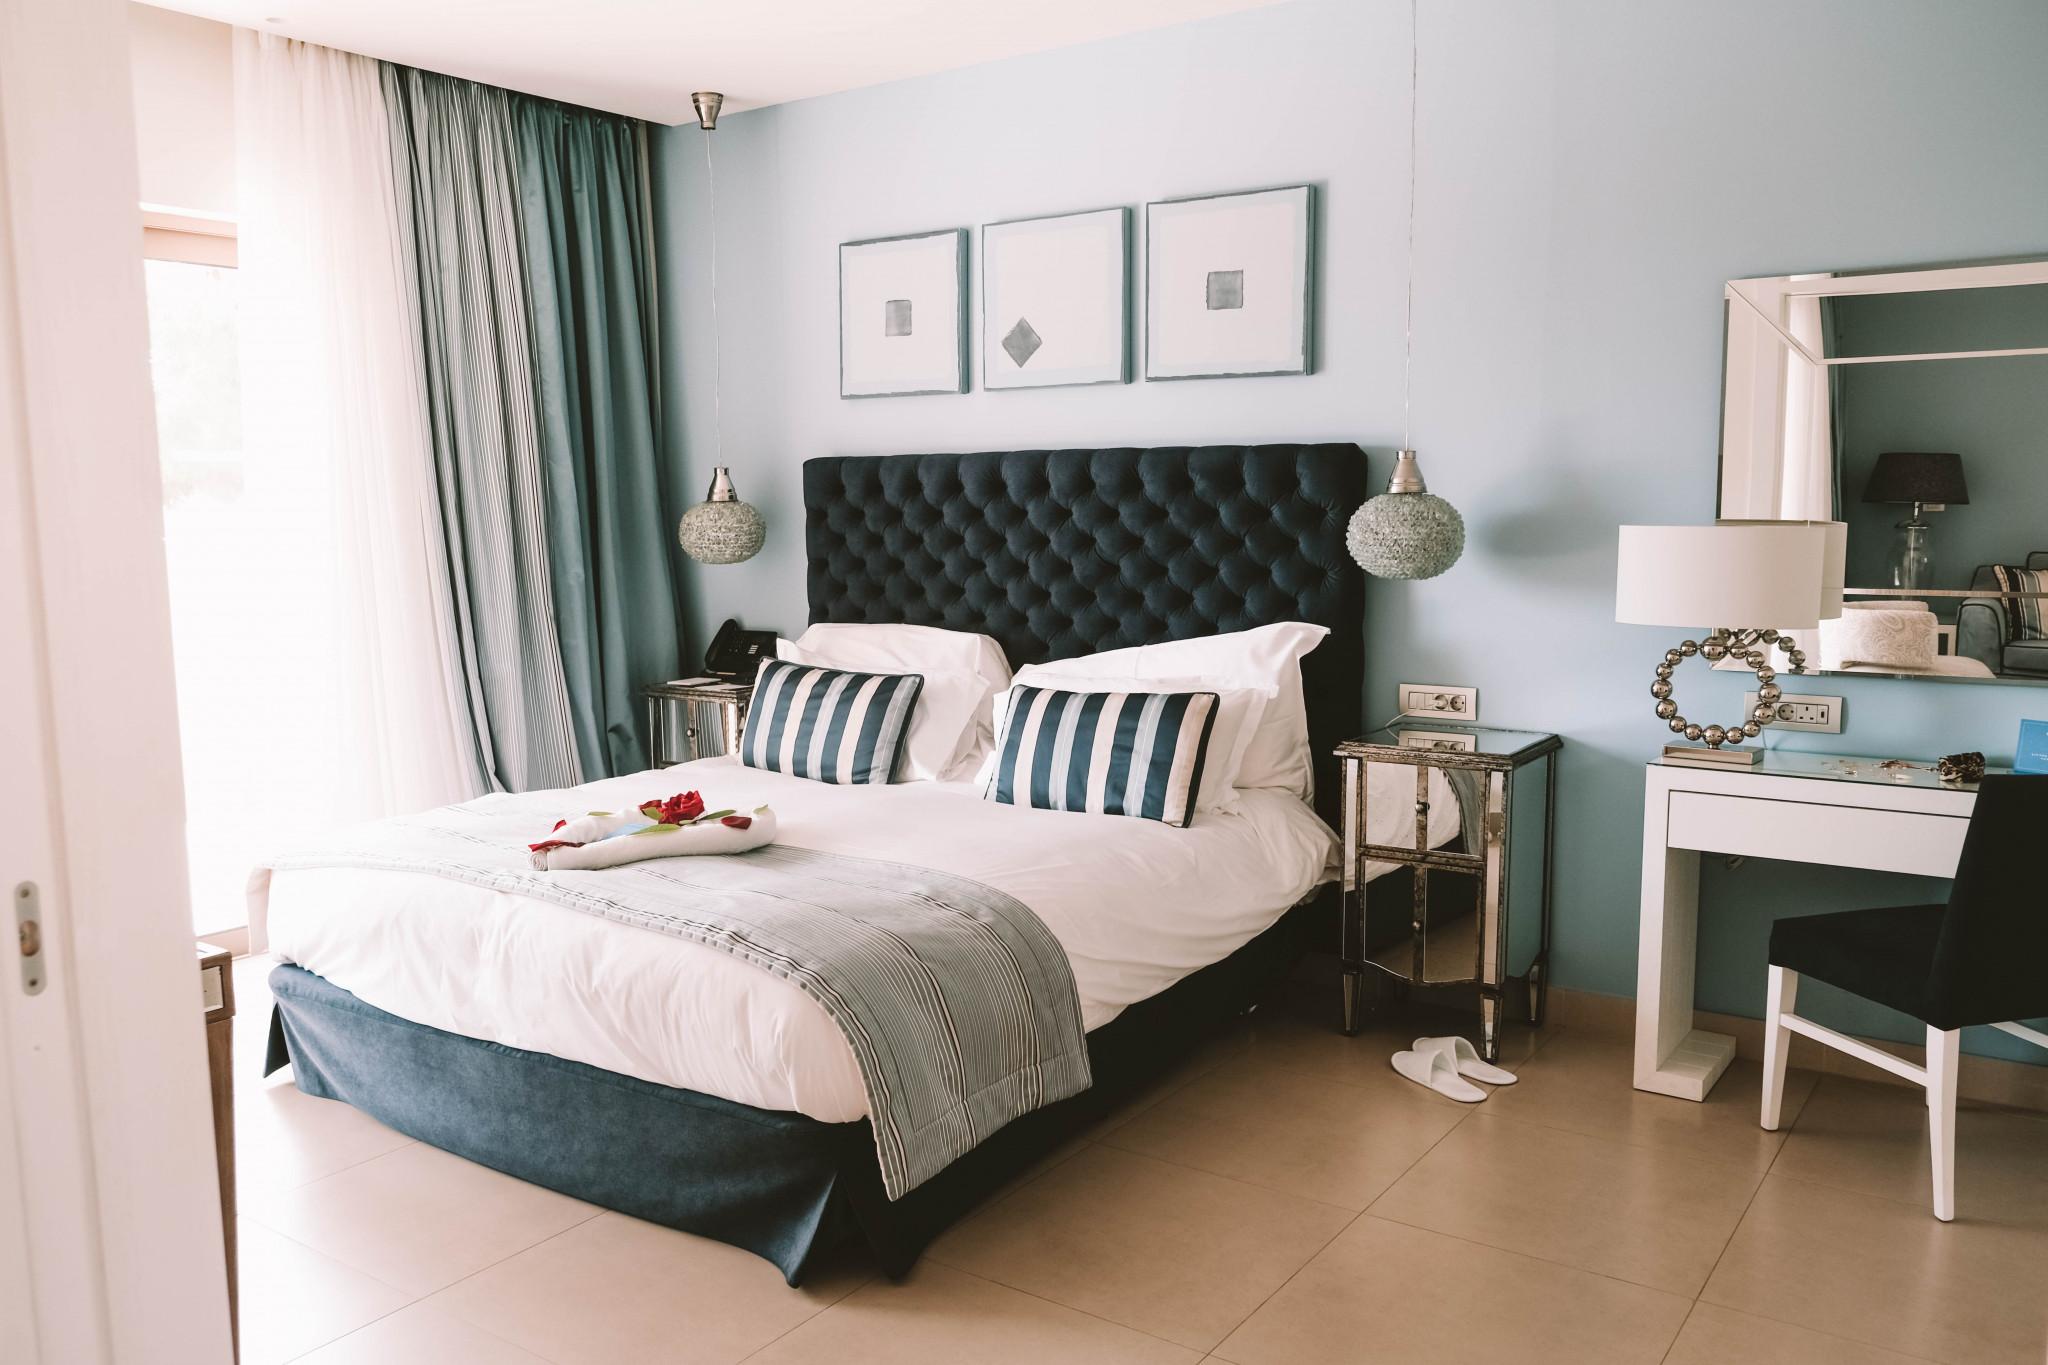 Grèce : Ikos Olivia, l'hôtel qui fait rimer all-in avec luxe sur-mesure - 1